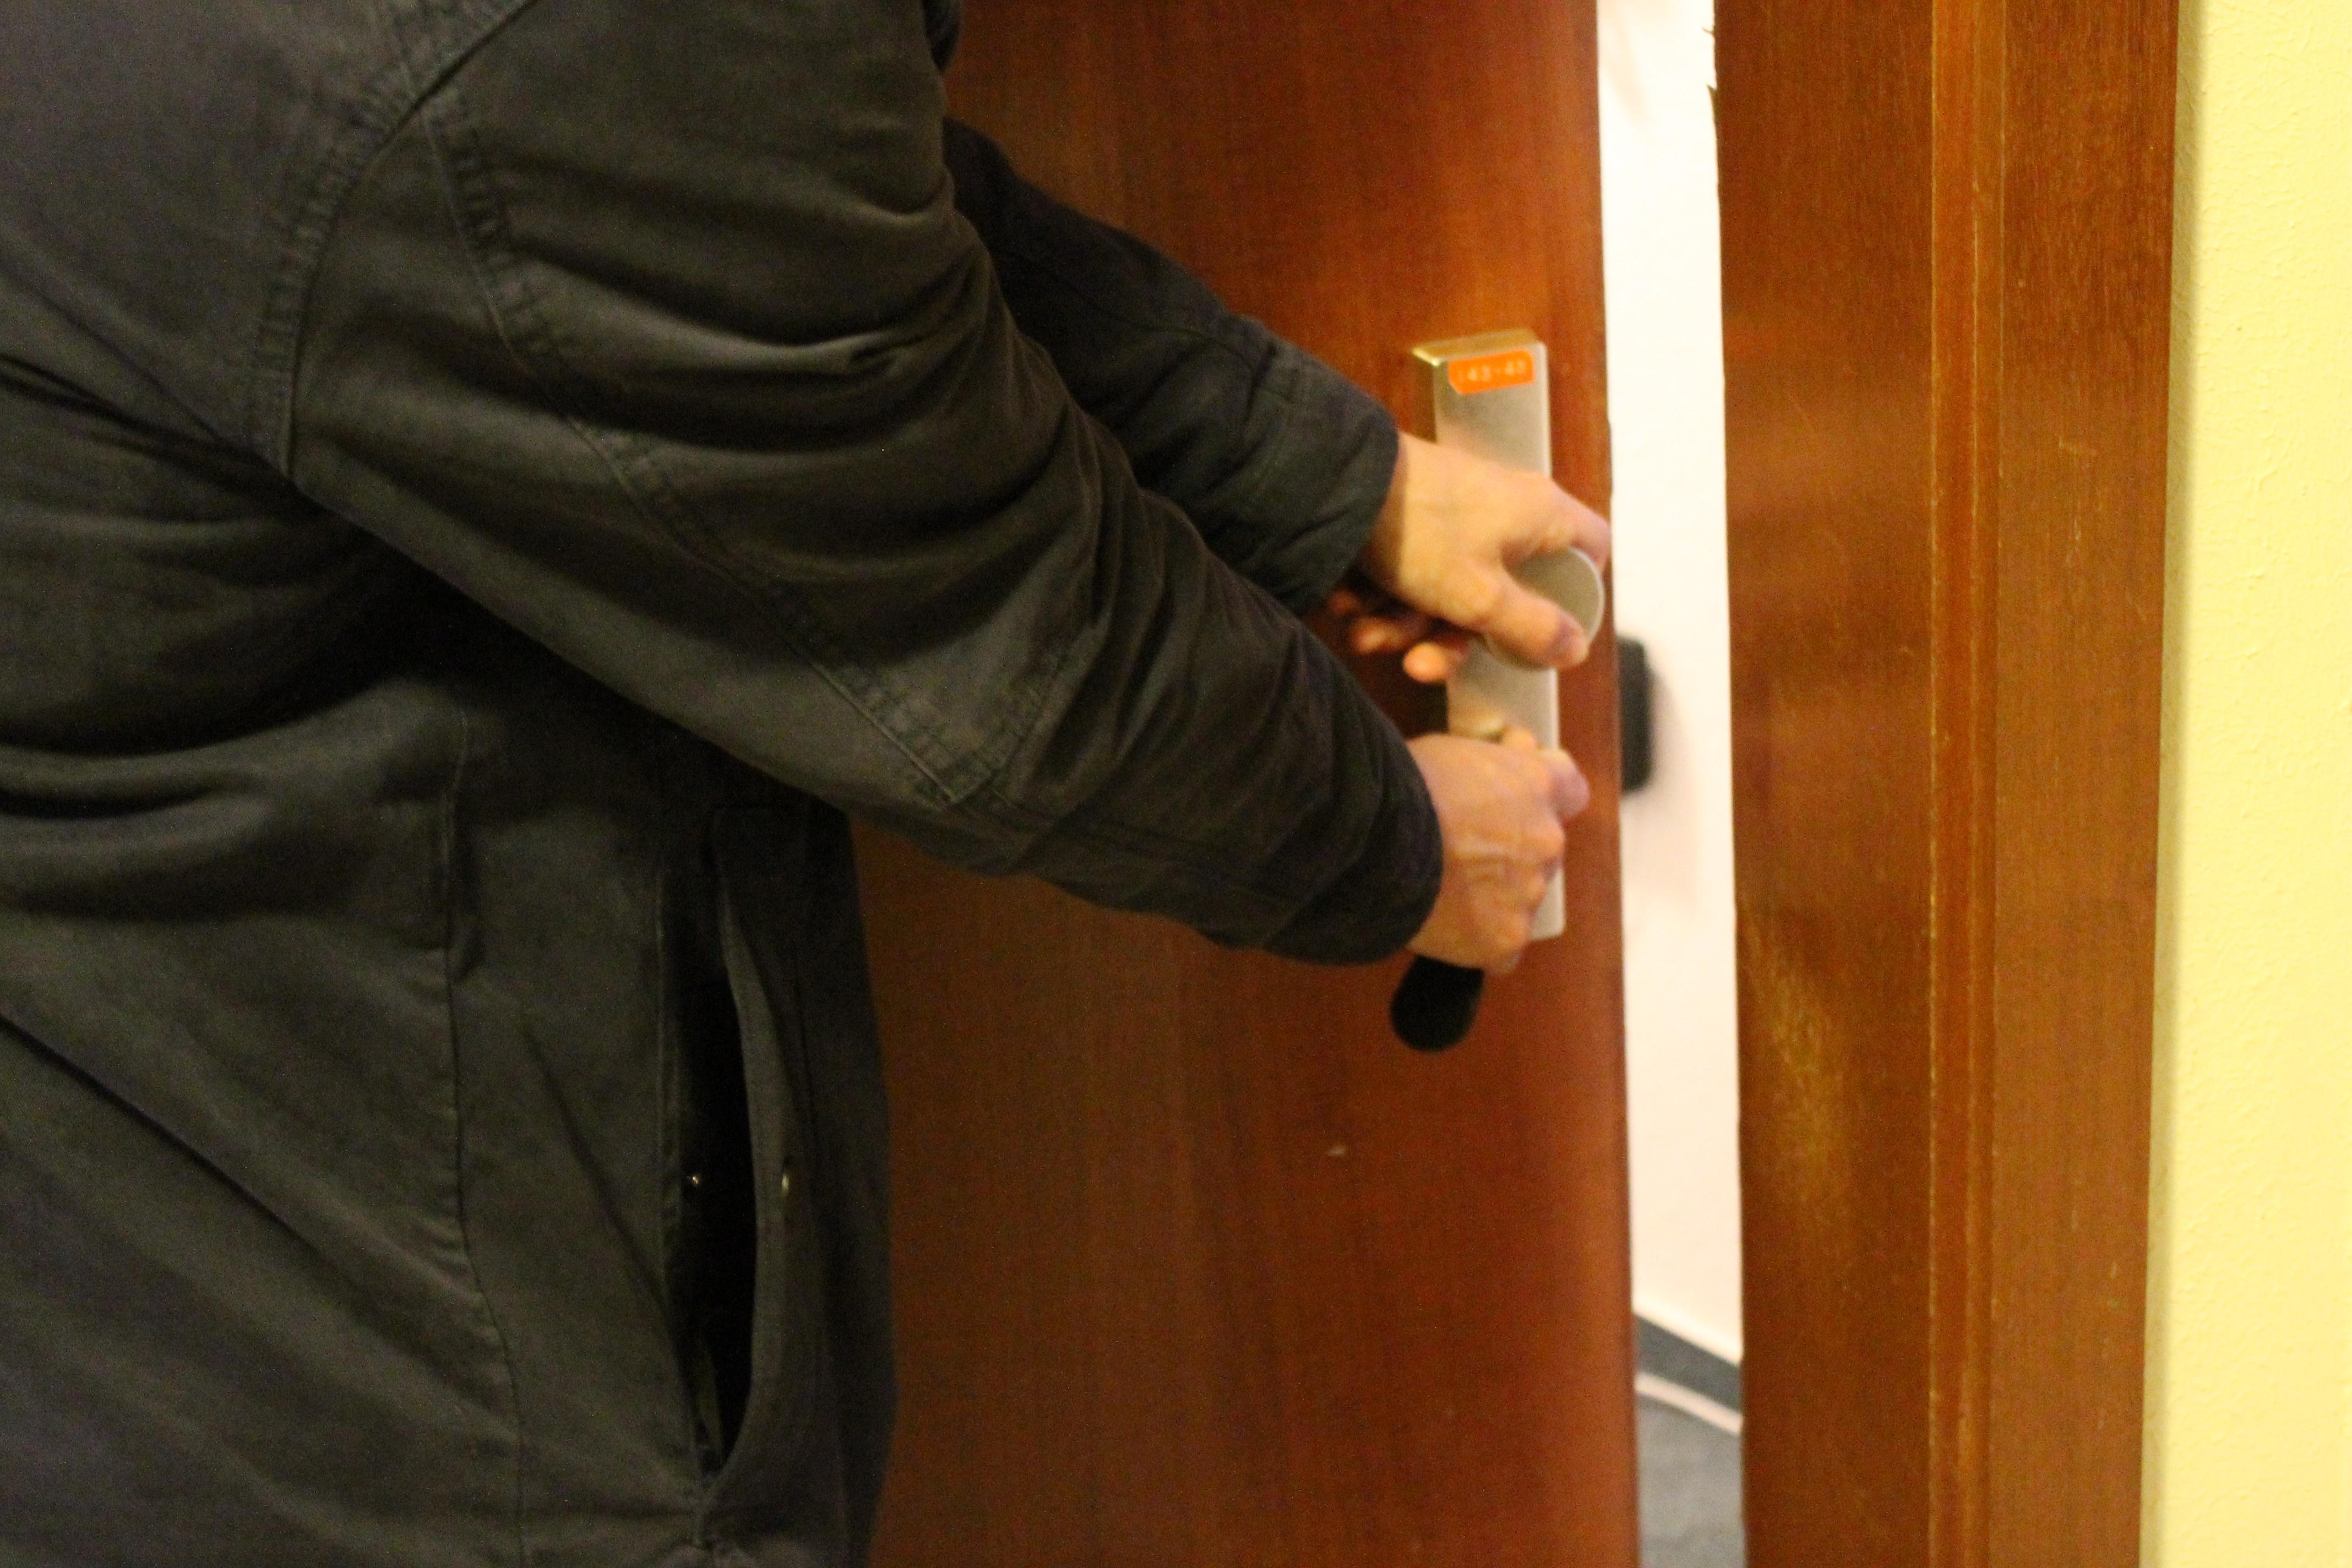 Überraschender Besuch: Hausmeister betraten mehrfach eigenmächtig Apartments. Bild: Simon Koenigsdorff